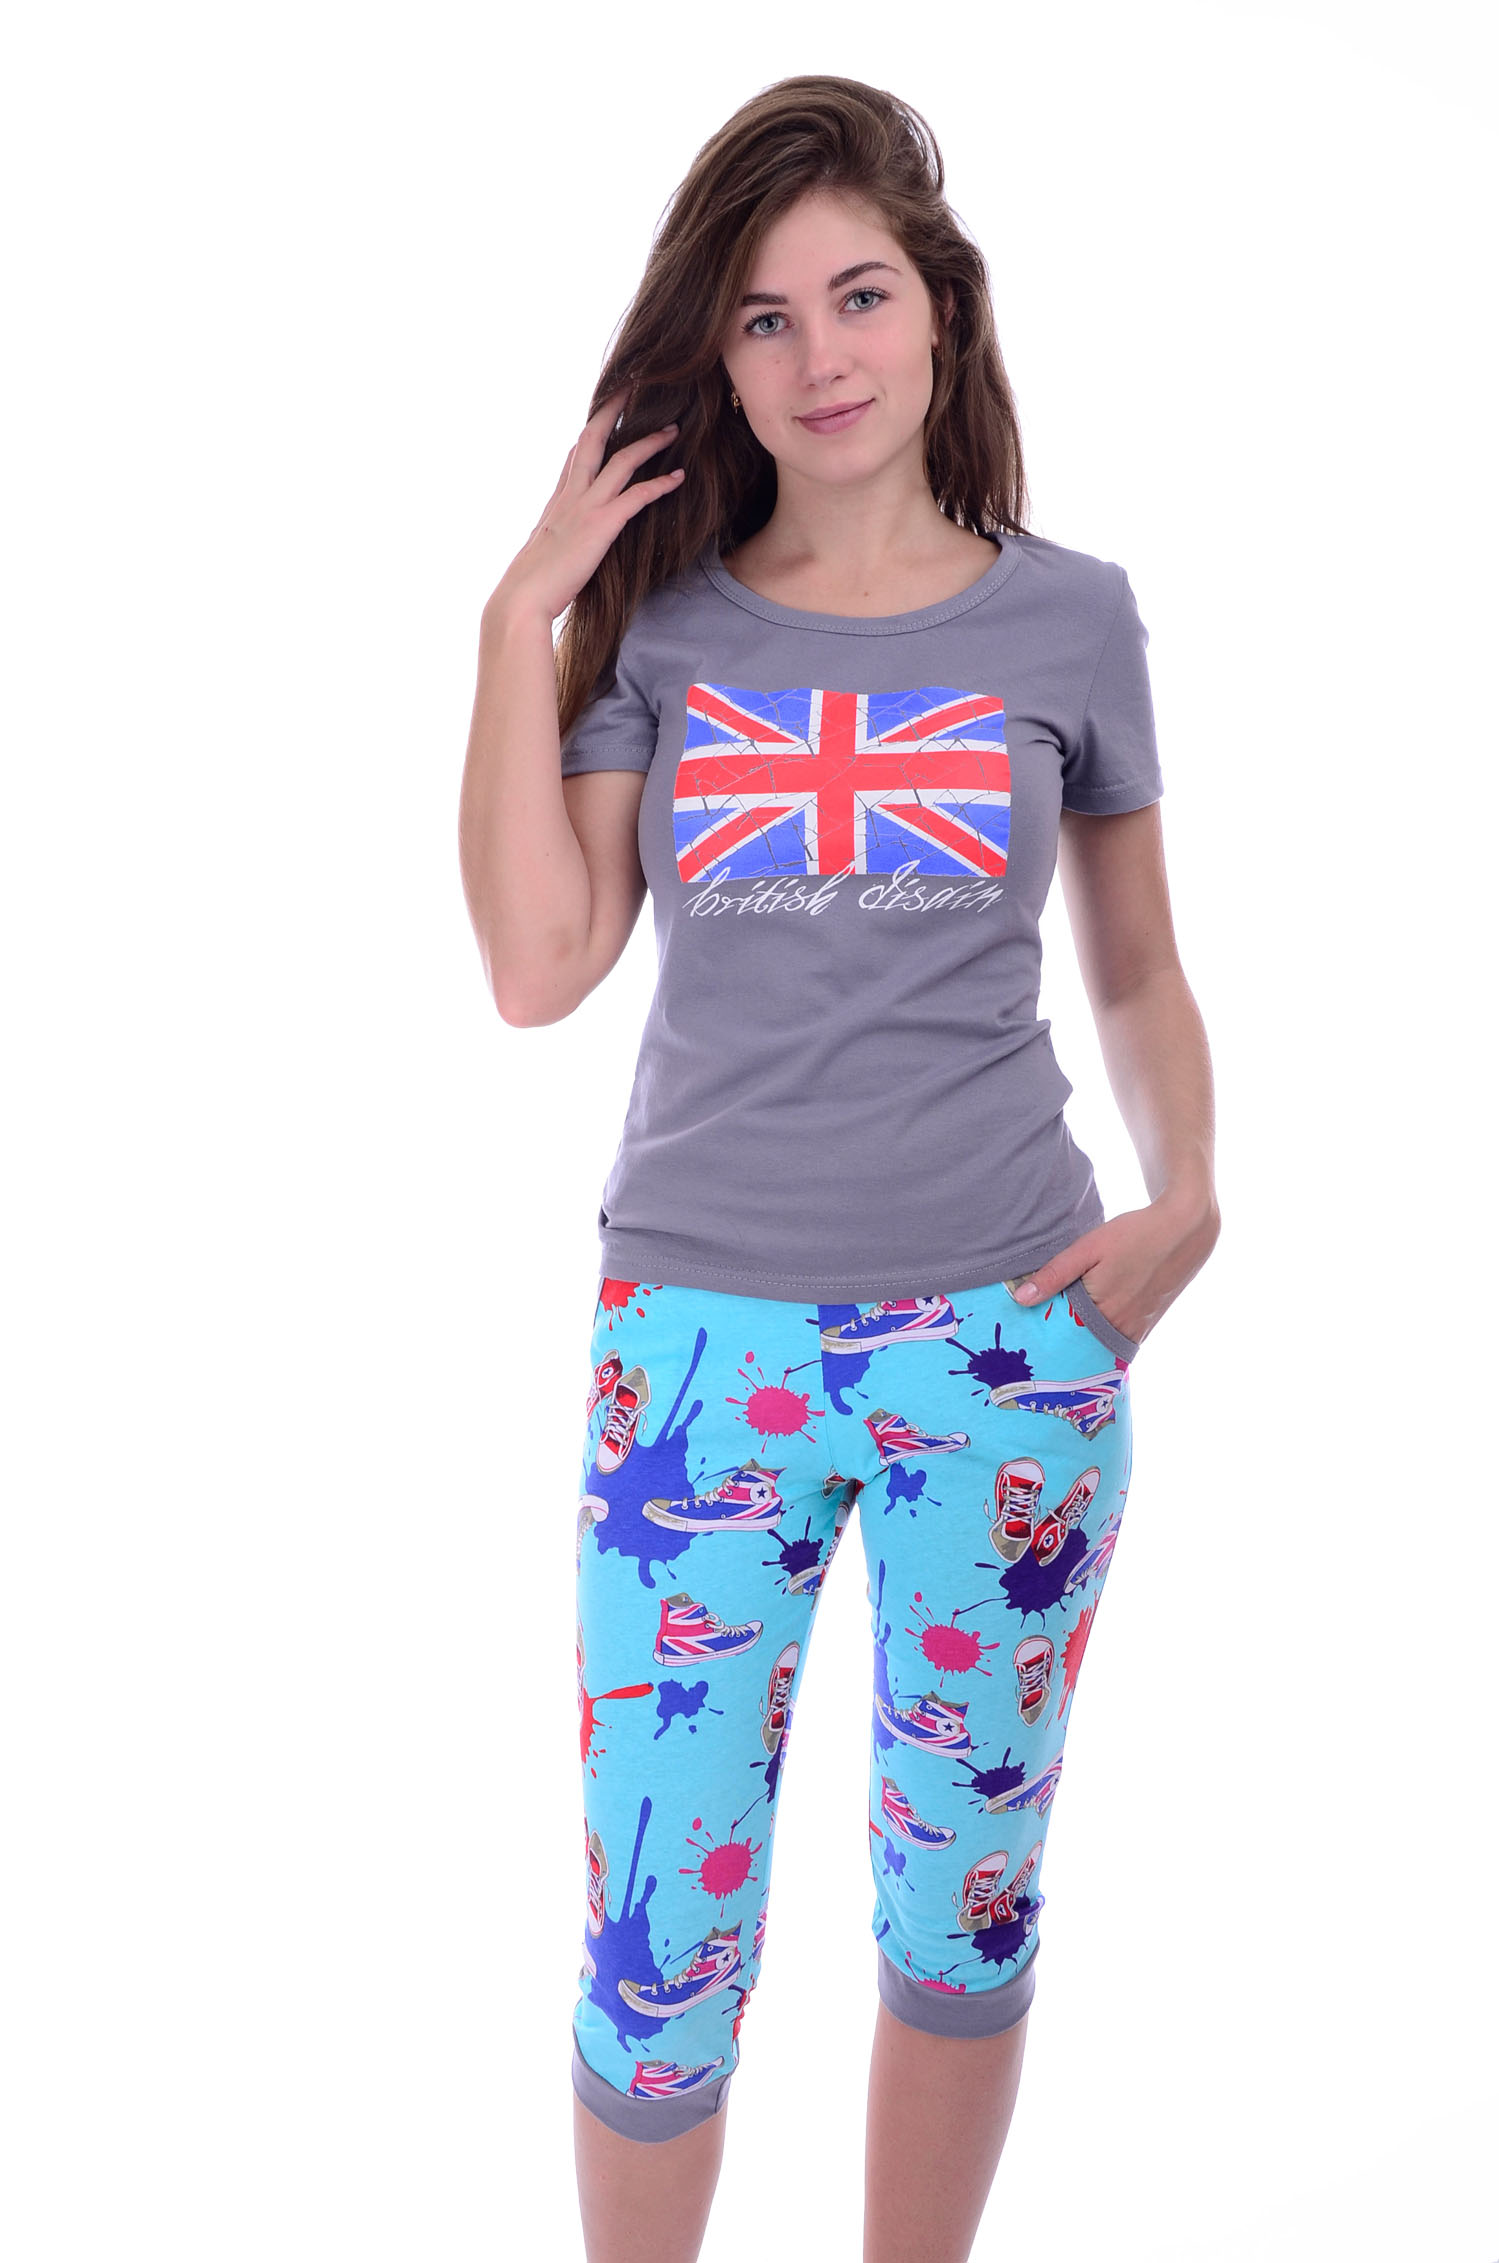 Костюм женский Бристоль футболка и бриджиДомашние комплекты, костюмы<br><br><br>Размер: 44